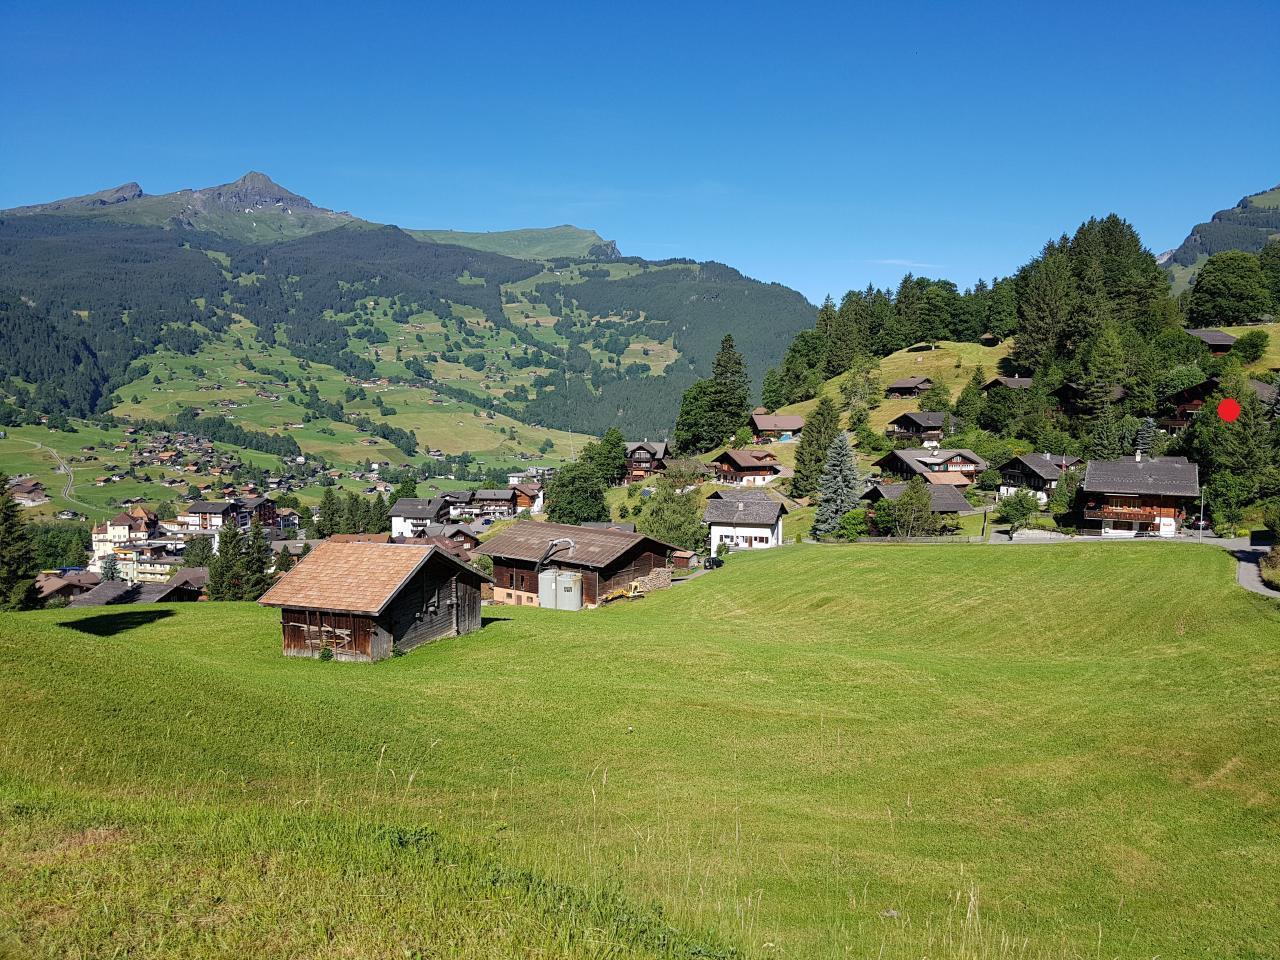 Ferienwohnung Chalet Moosrain - Studio West (1978339), Grindelwald, Jungfrauregion, Berner Oberland, Schweiz, Bild 9